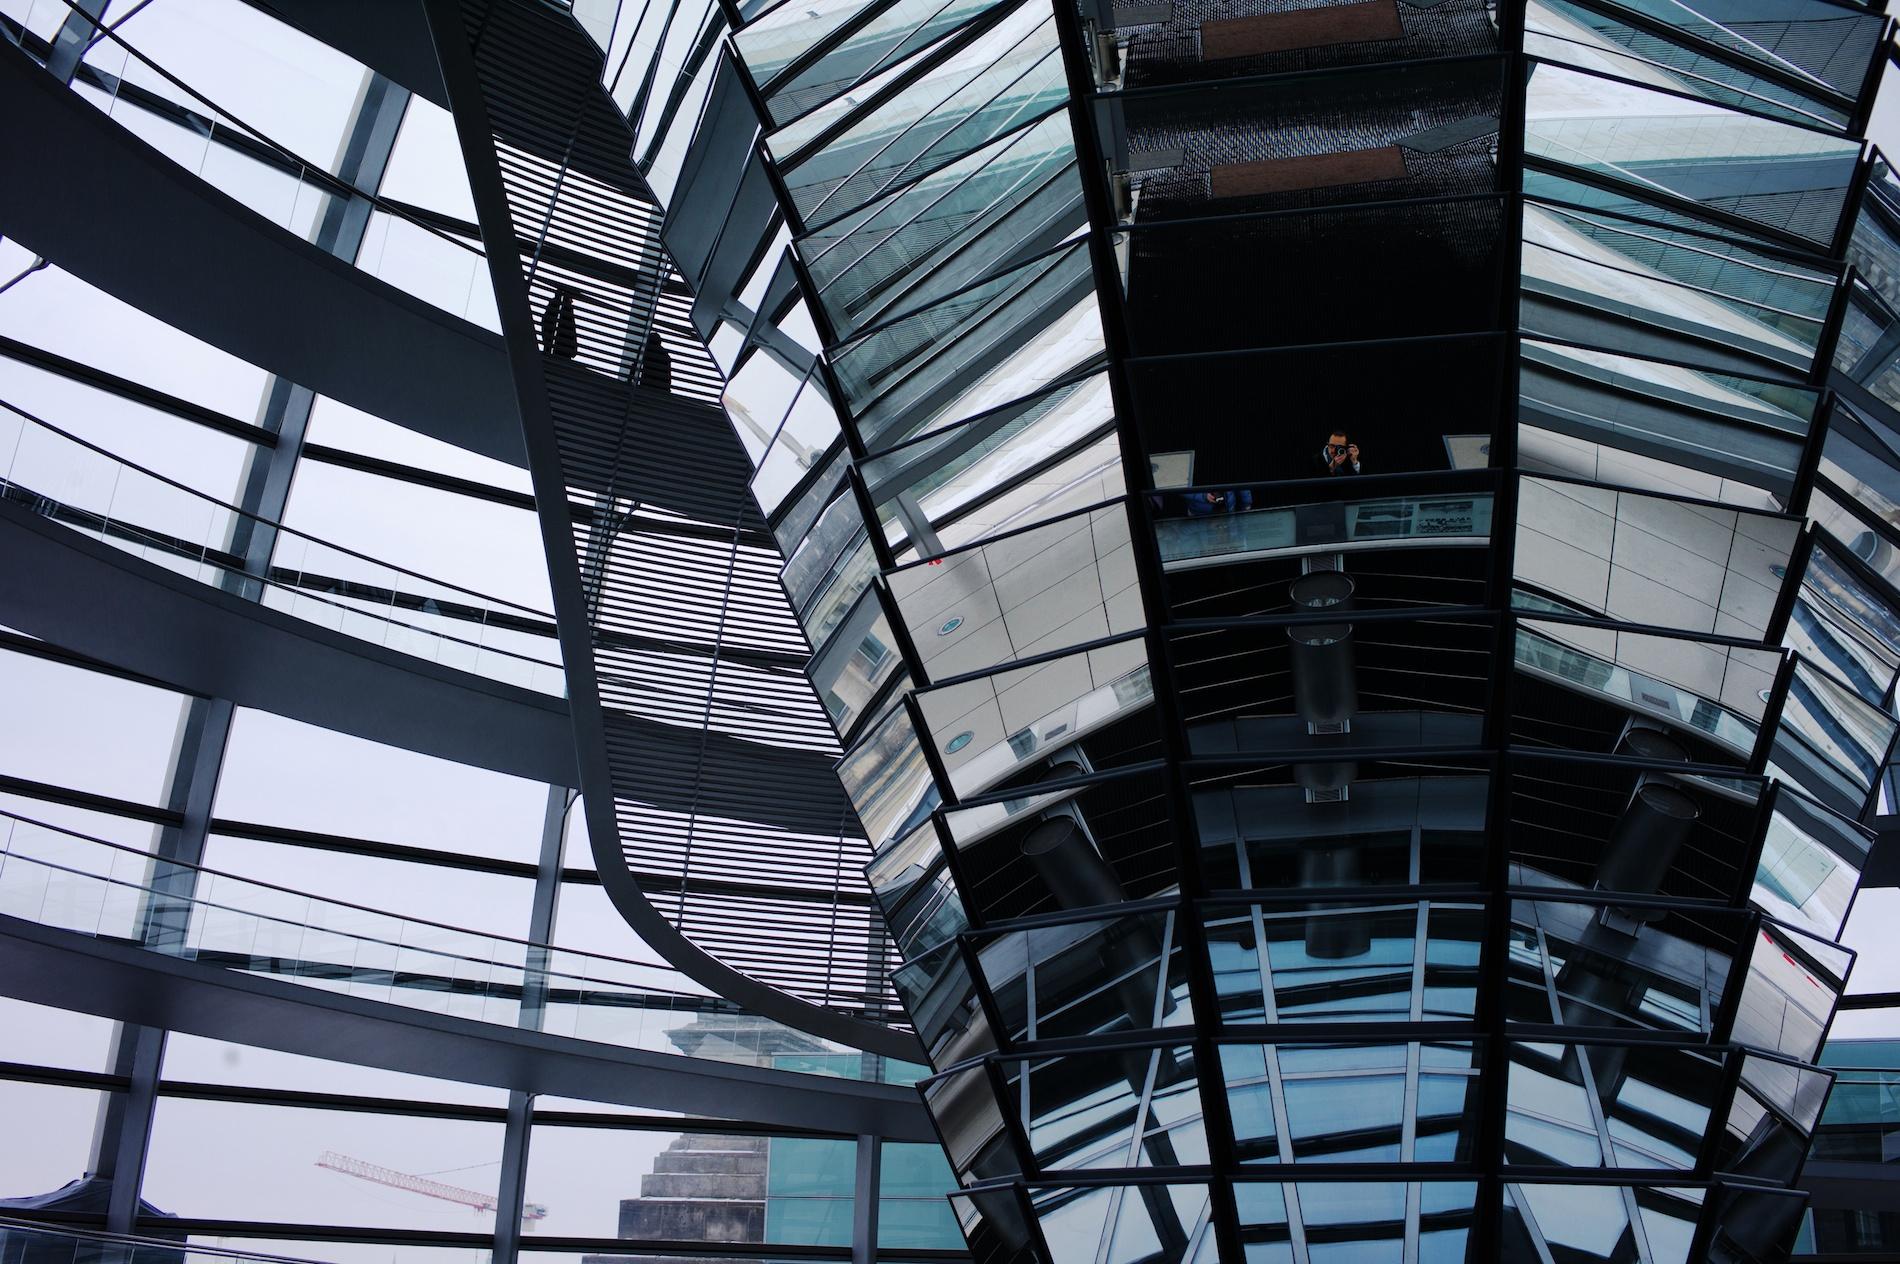 2012-02-11 at 09-44-13, Berlin.jpg